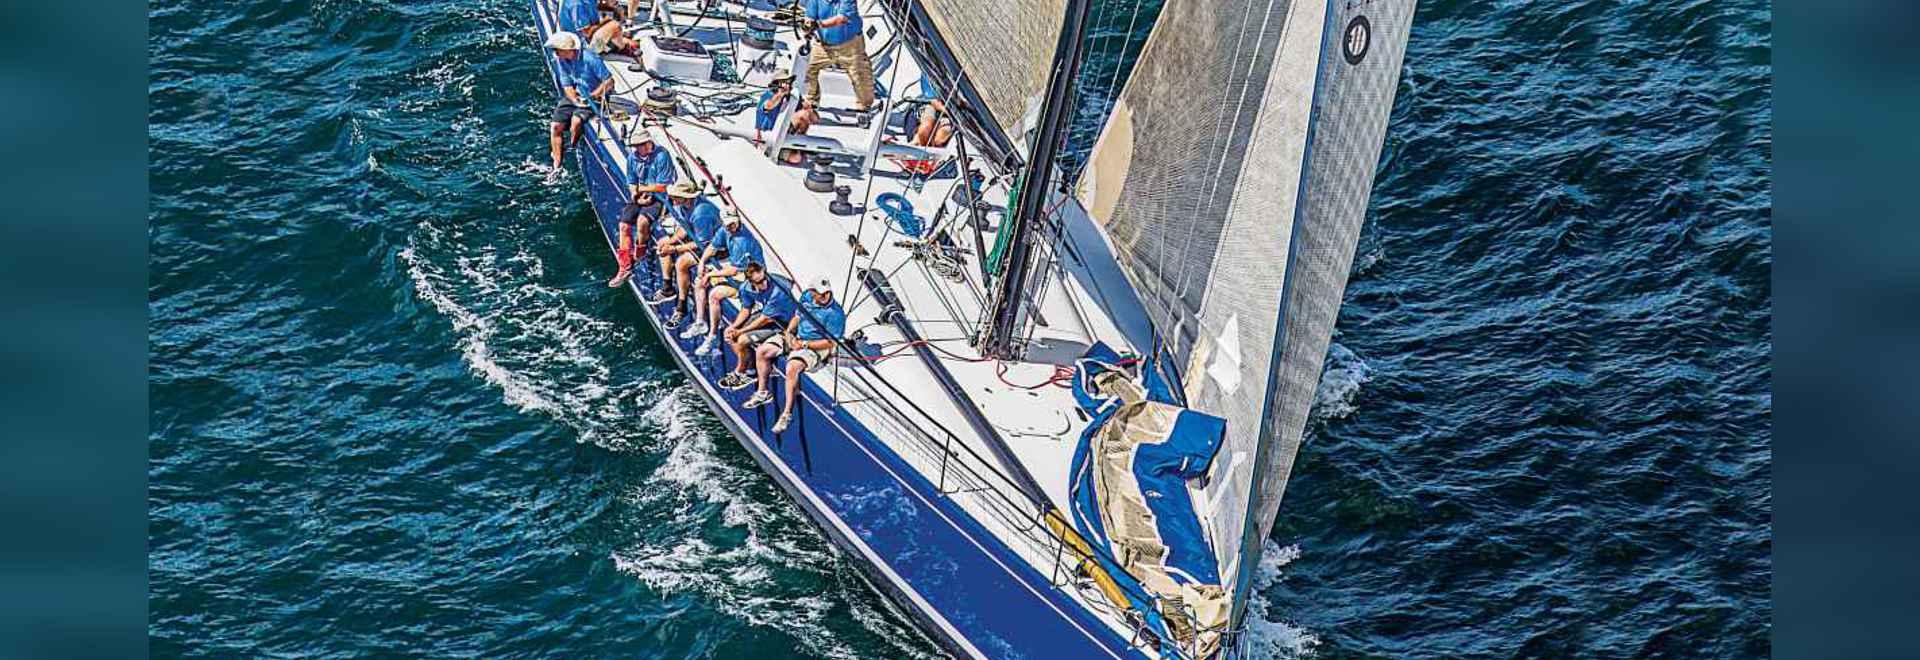 Kodiak? vor der Fertigung des Rennens 635 Meile Newport-Bermuda in 86 Stunden s-Überspringvorrichtung Llwyd Ecclestone und seine 15 crewmembers genossen zu frustrieren beruhigt und drei Hauptsqualls.